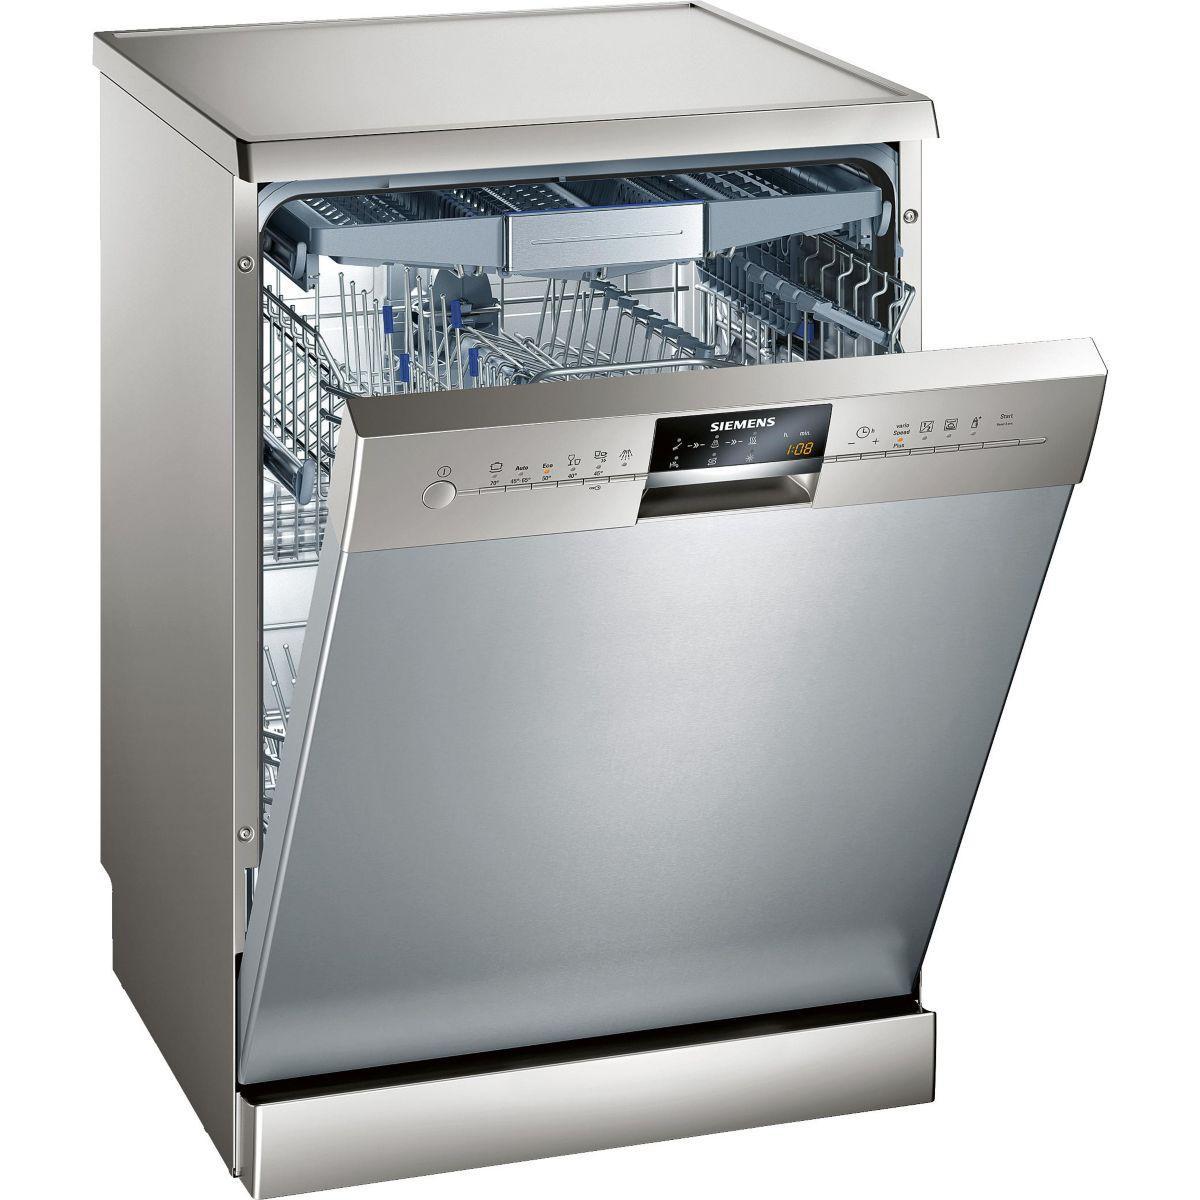 Lave-vaisselle ultra silencieux 60cm siemens sn26p893eu - 15% de remise : code gam15 (photo)